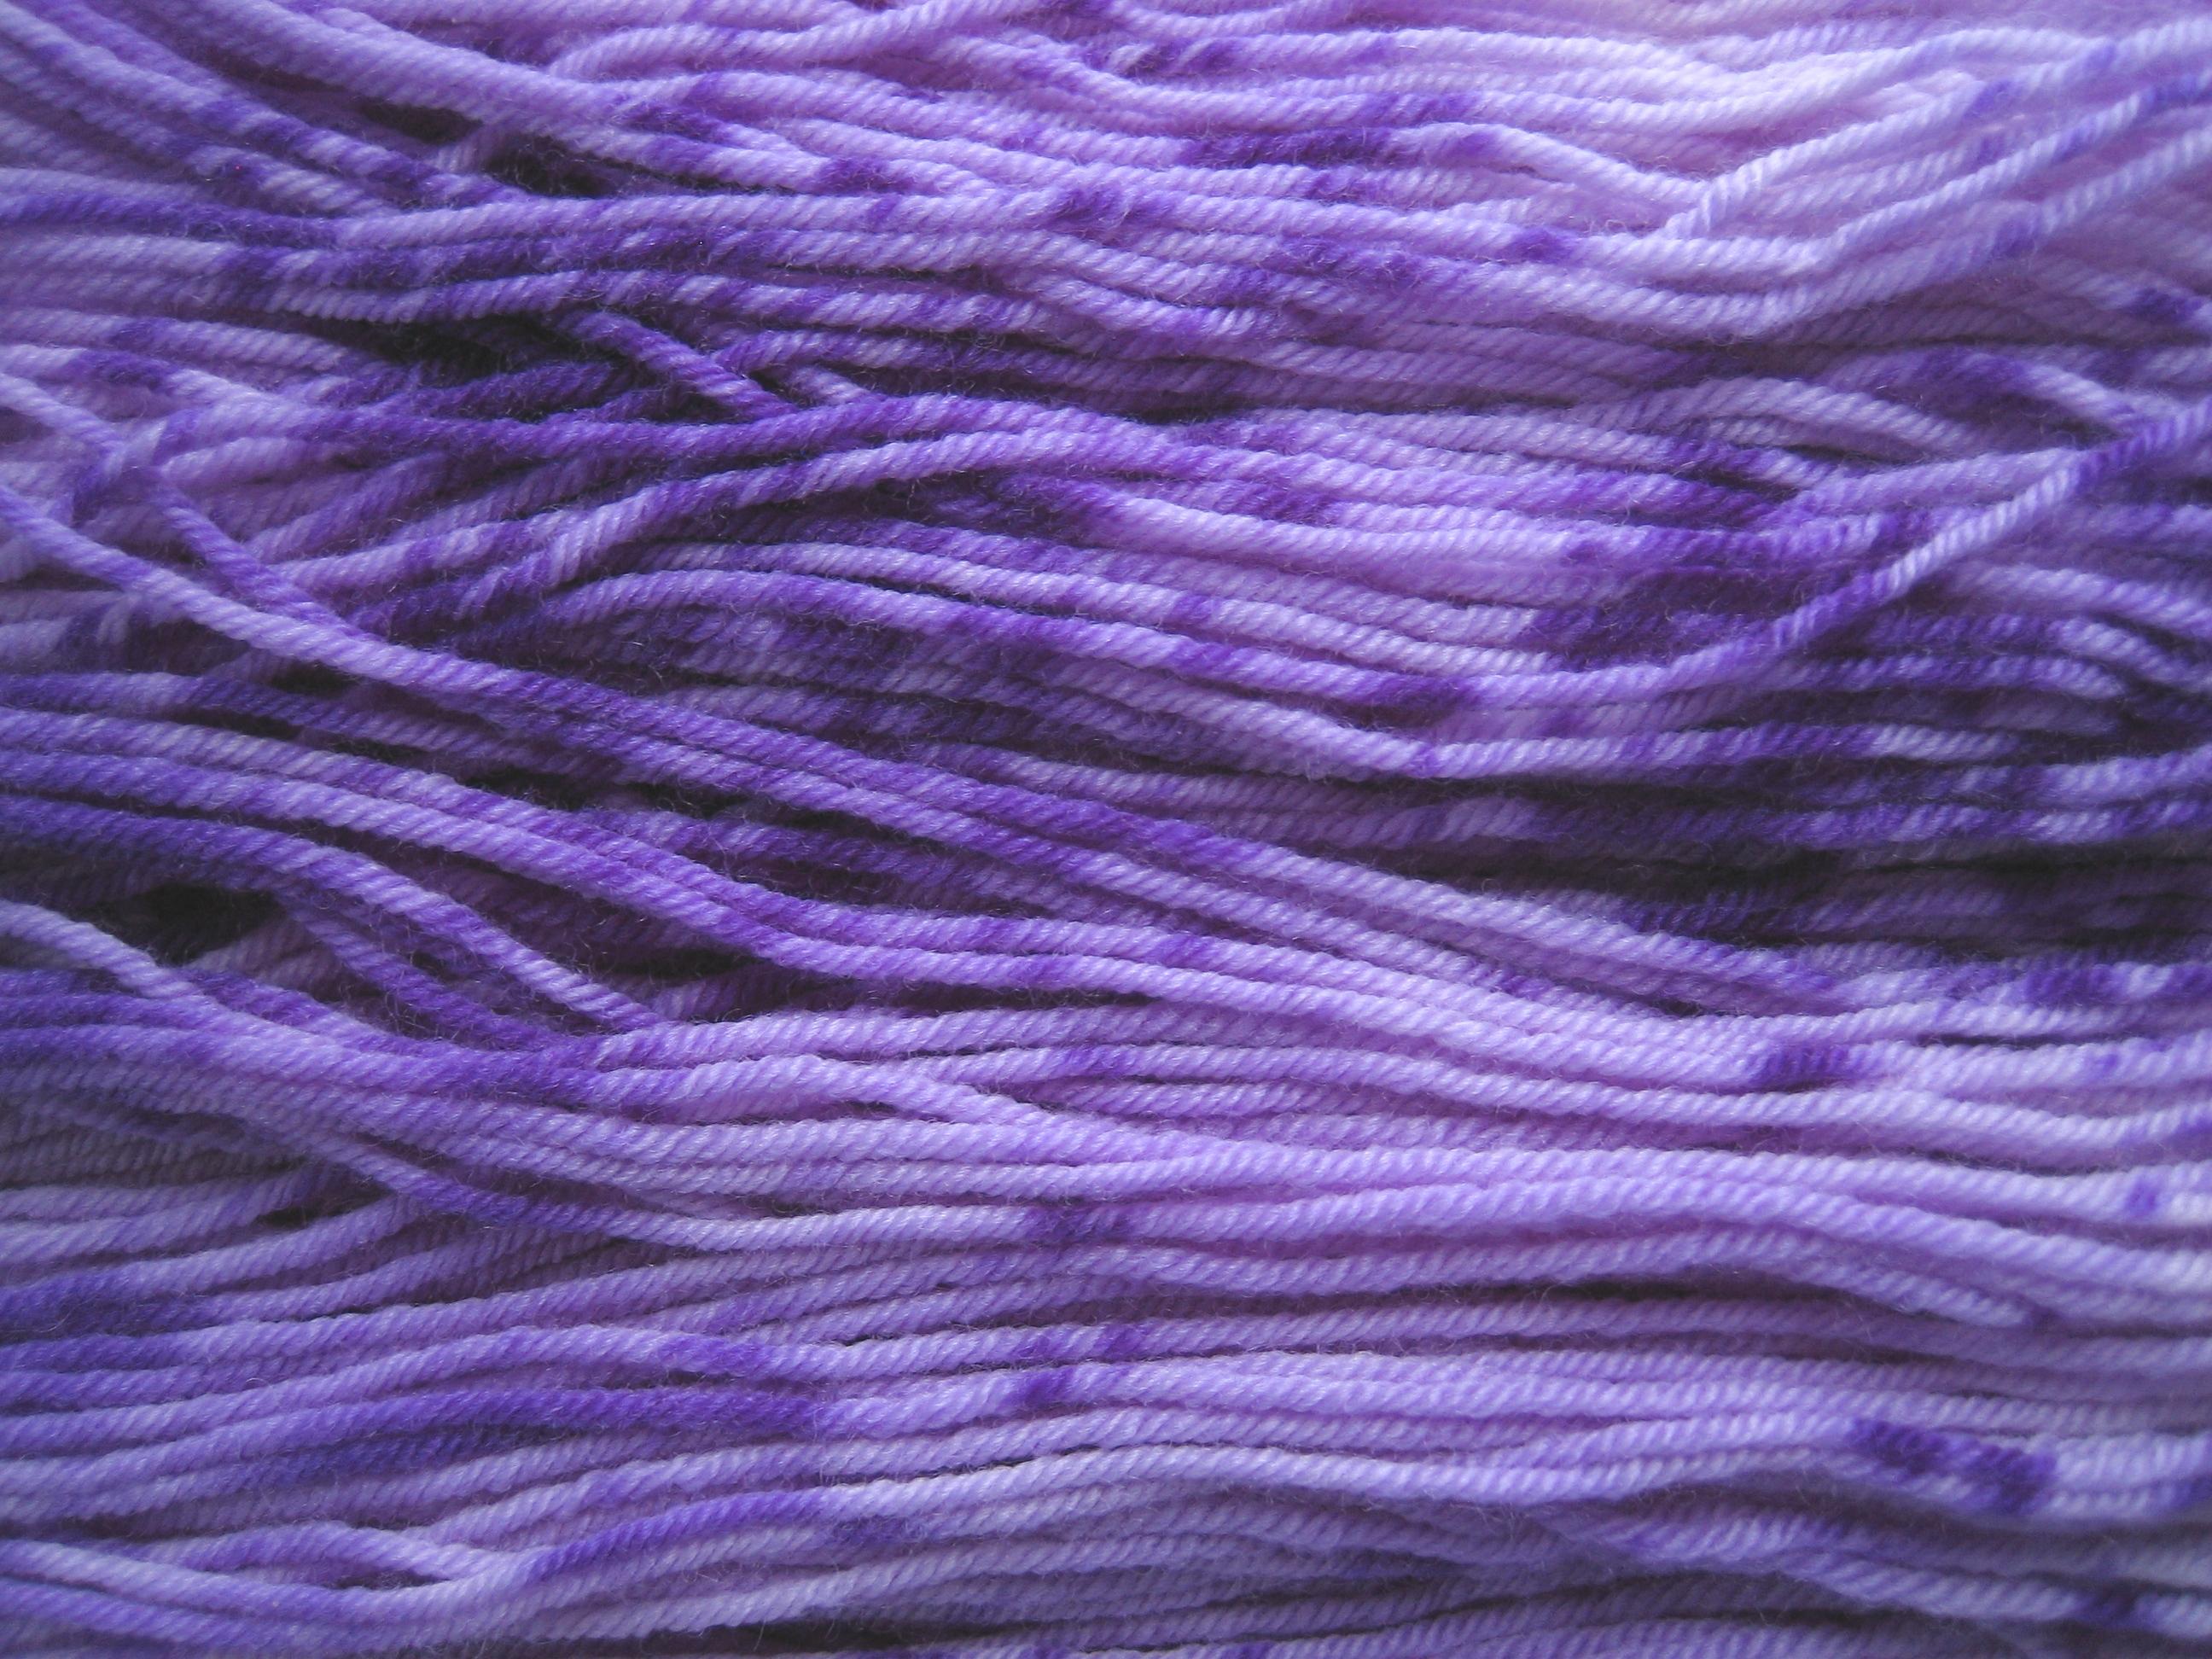 garnyarn-håndfarvet-garn-speckles-tynd-merinould-fingering-baeredygtig-lilla